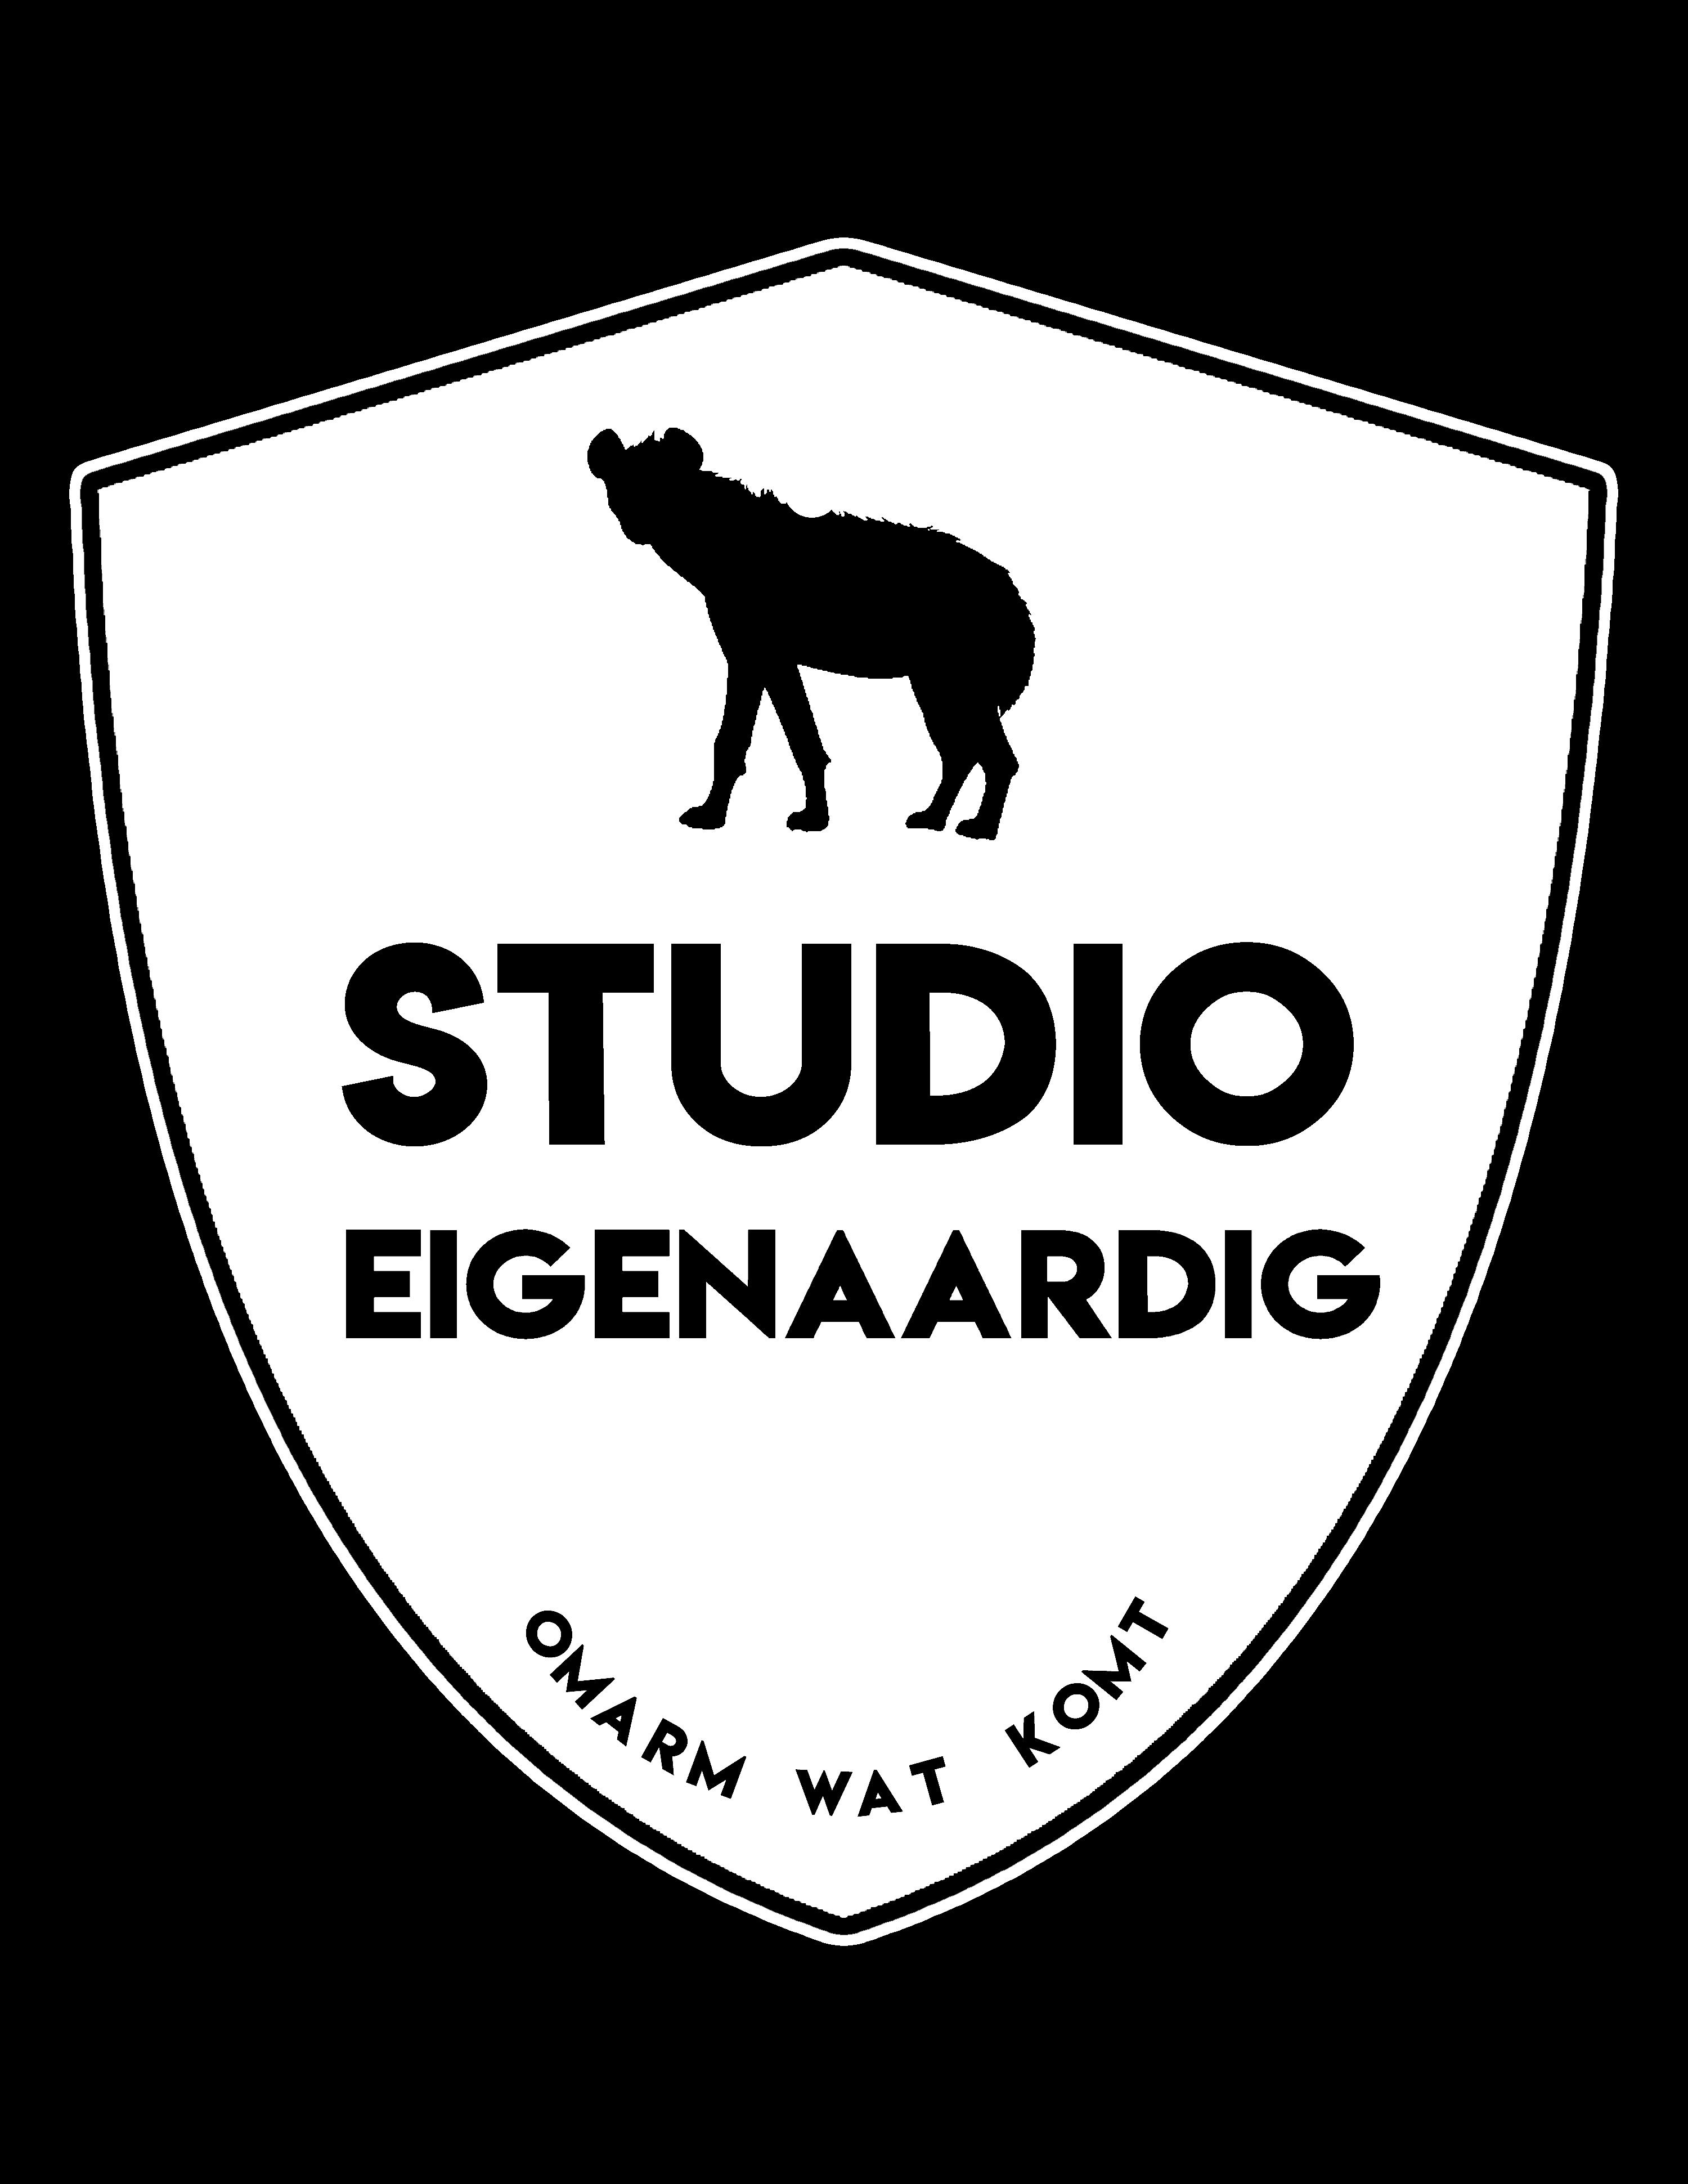 Studio Eigenaardig